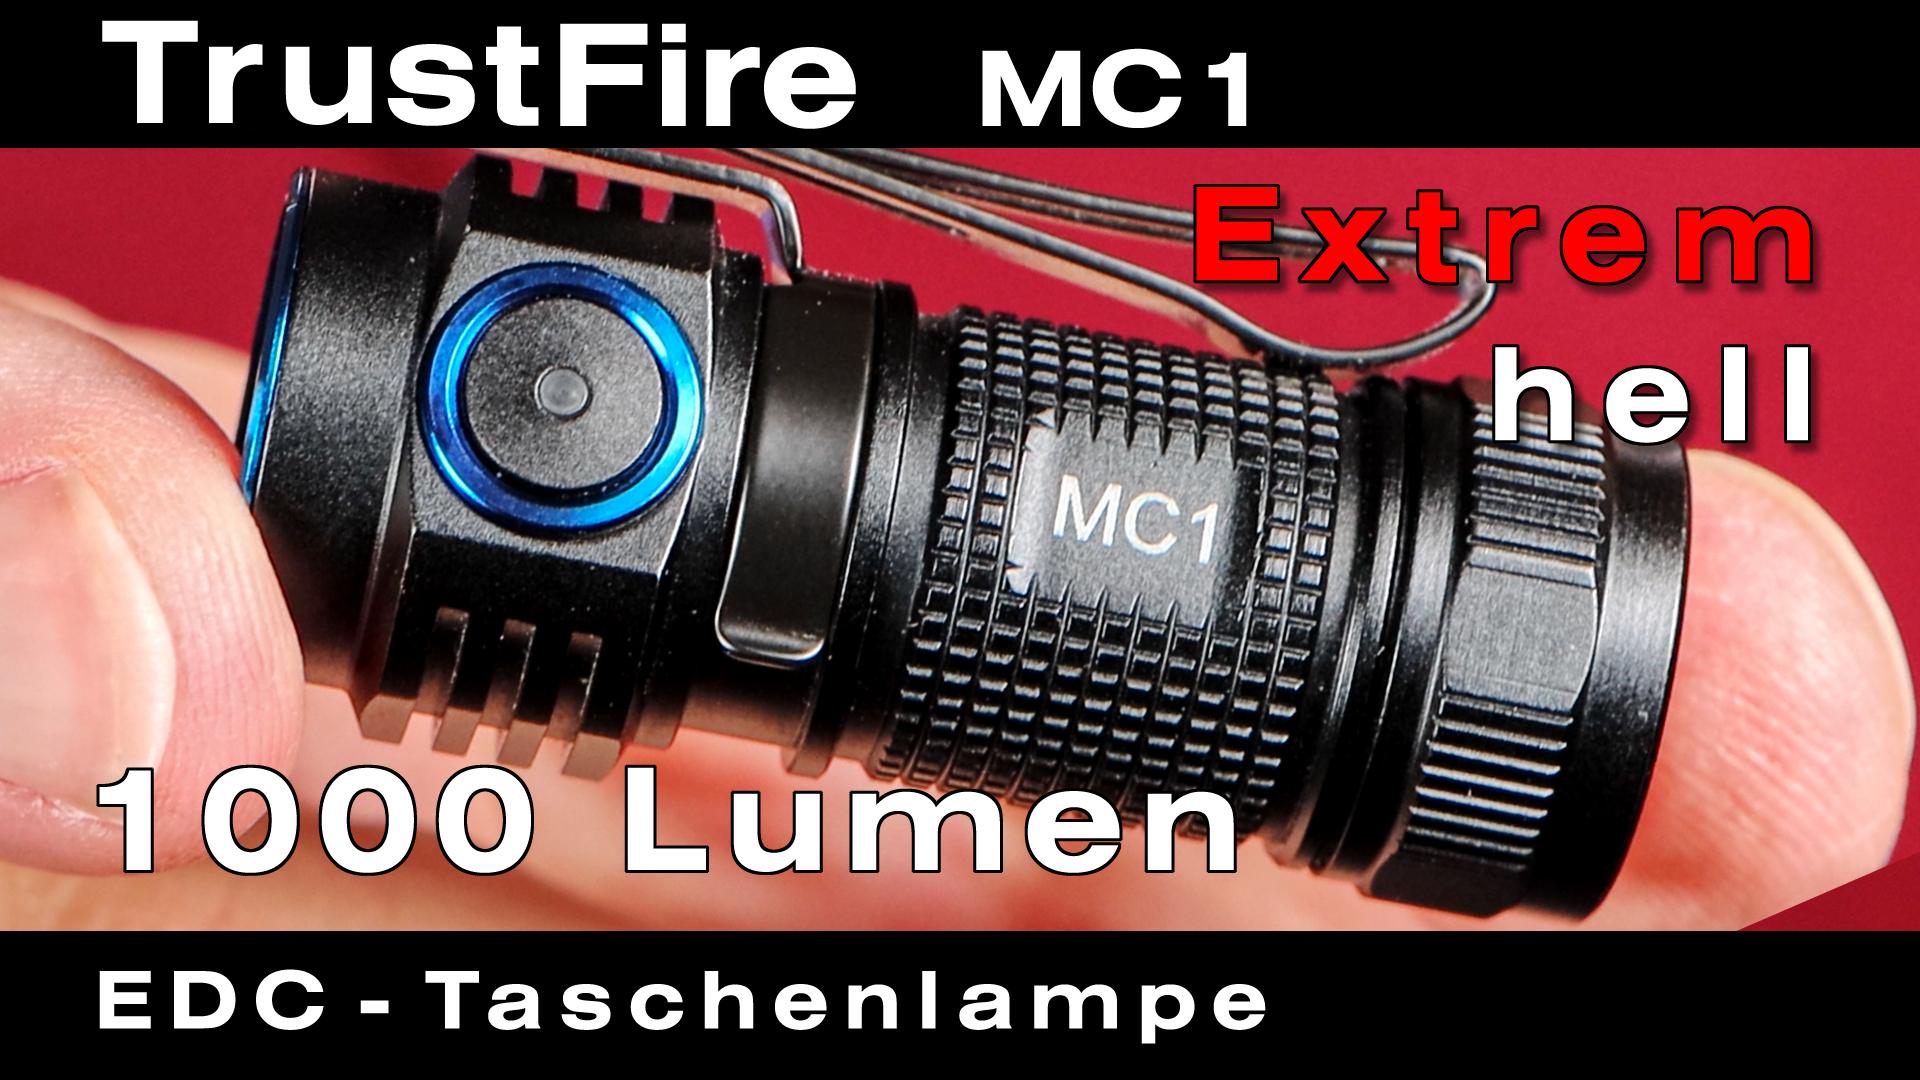 TrustFire MC1 Taschenlampe – Extrem hell für Hobby, Beruf & Reise